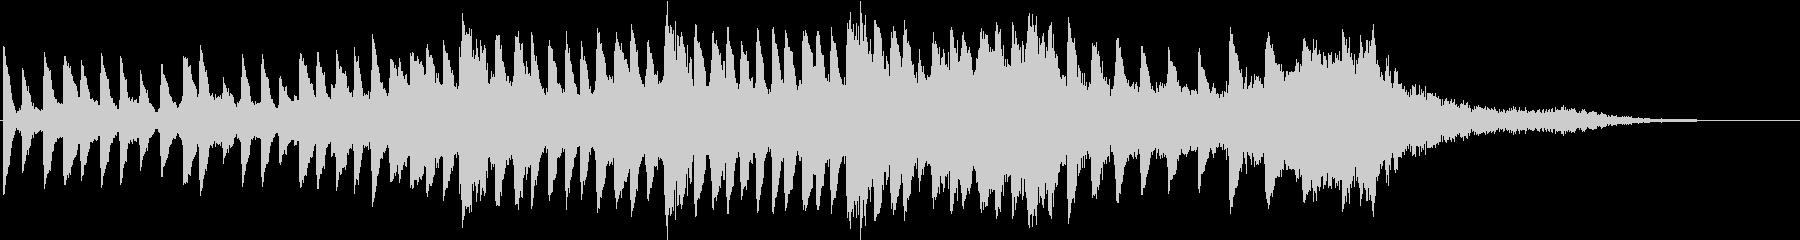 テンションビルダーズ不気味なピアノの未再生の波形